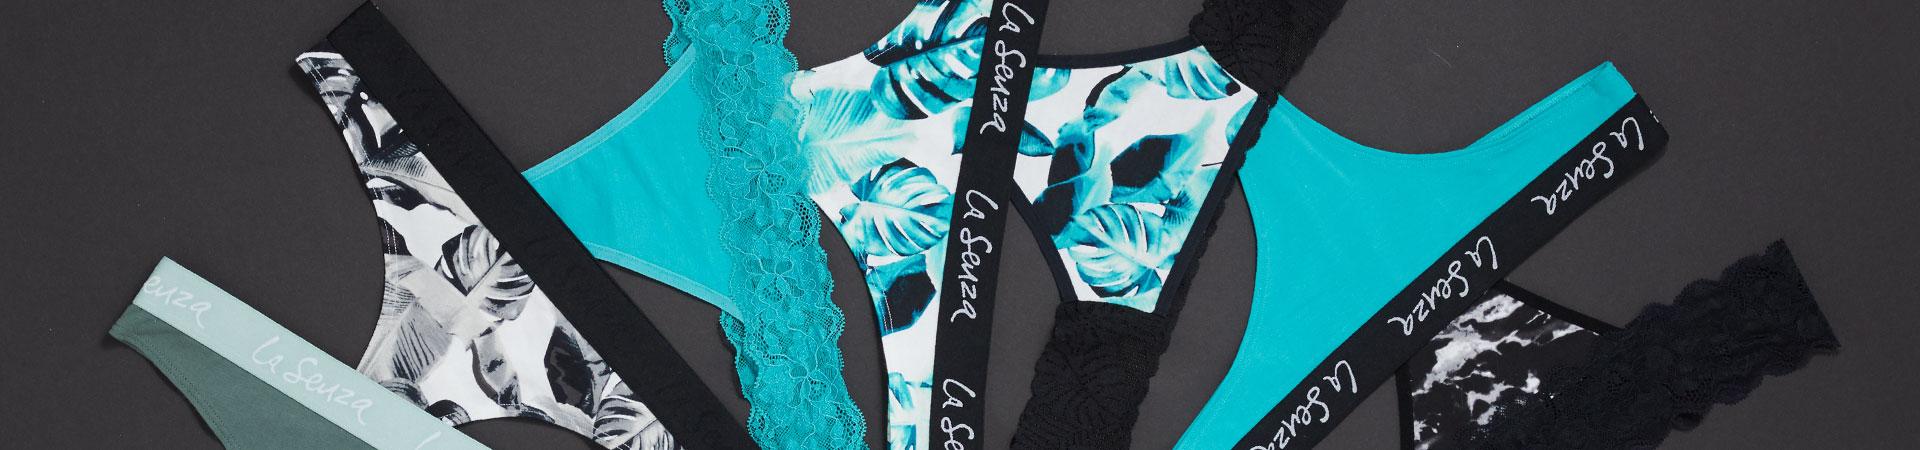 Shop panties.